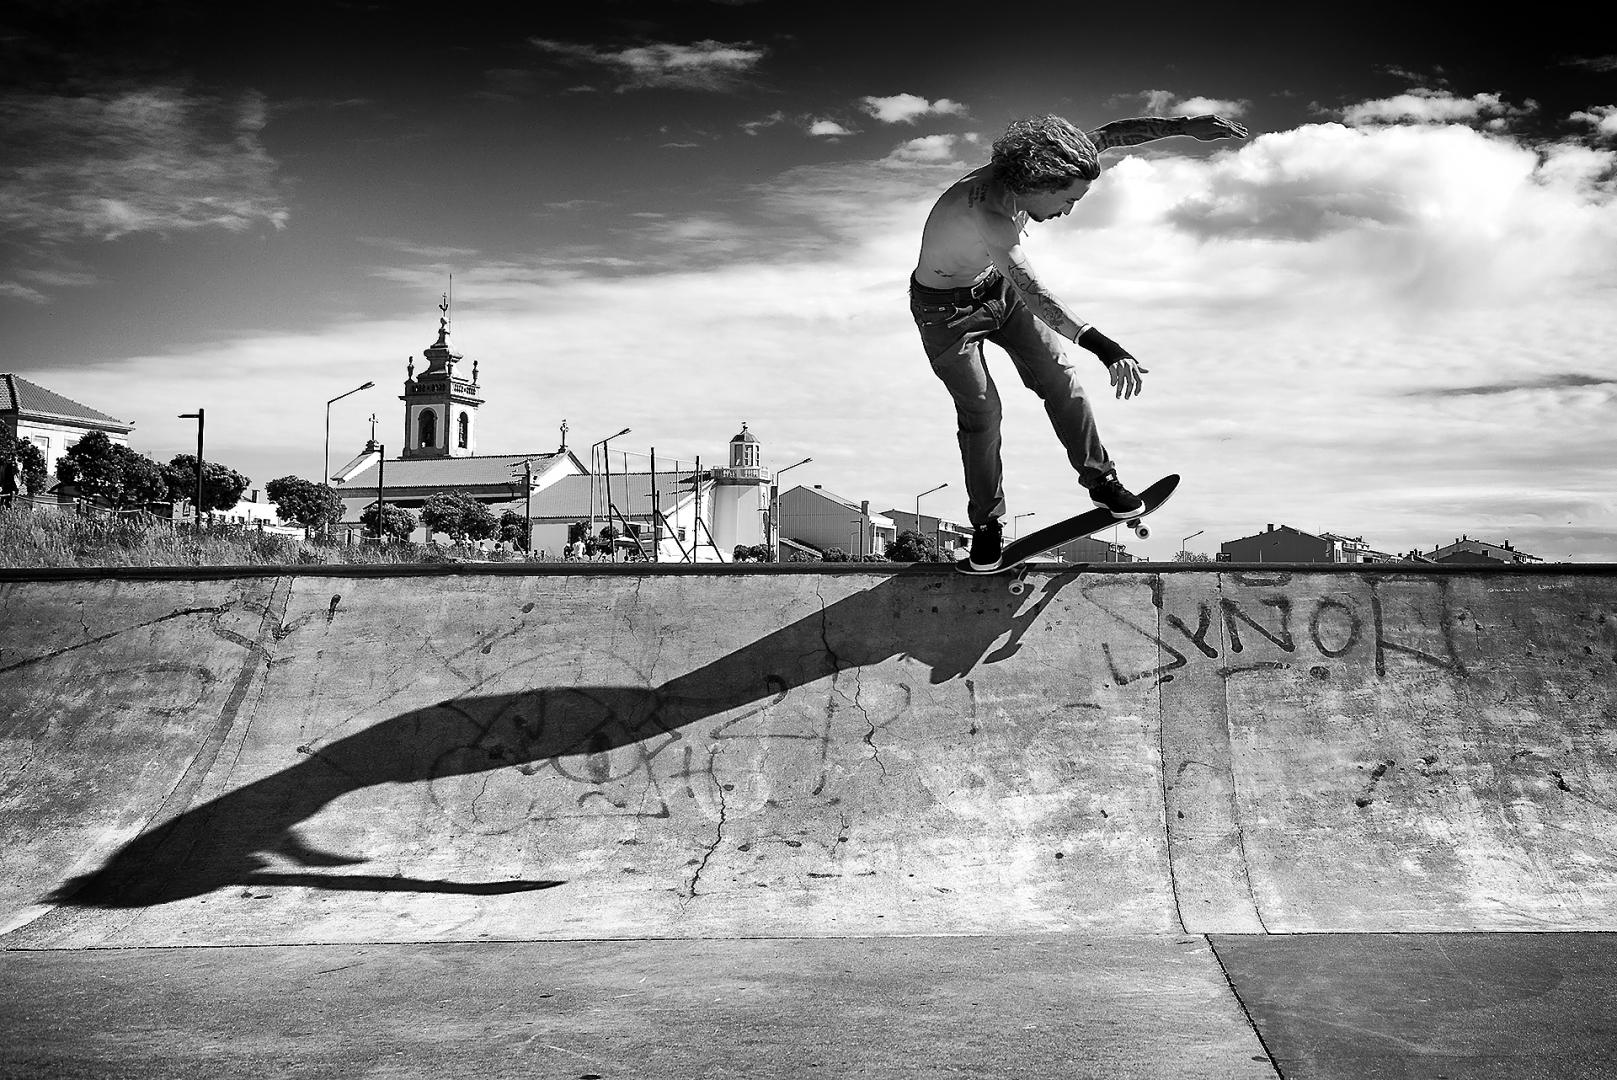 Desporto e Ação/Skate Shadow Project !